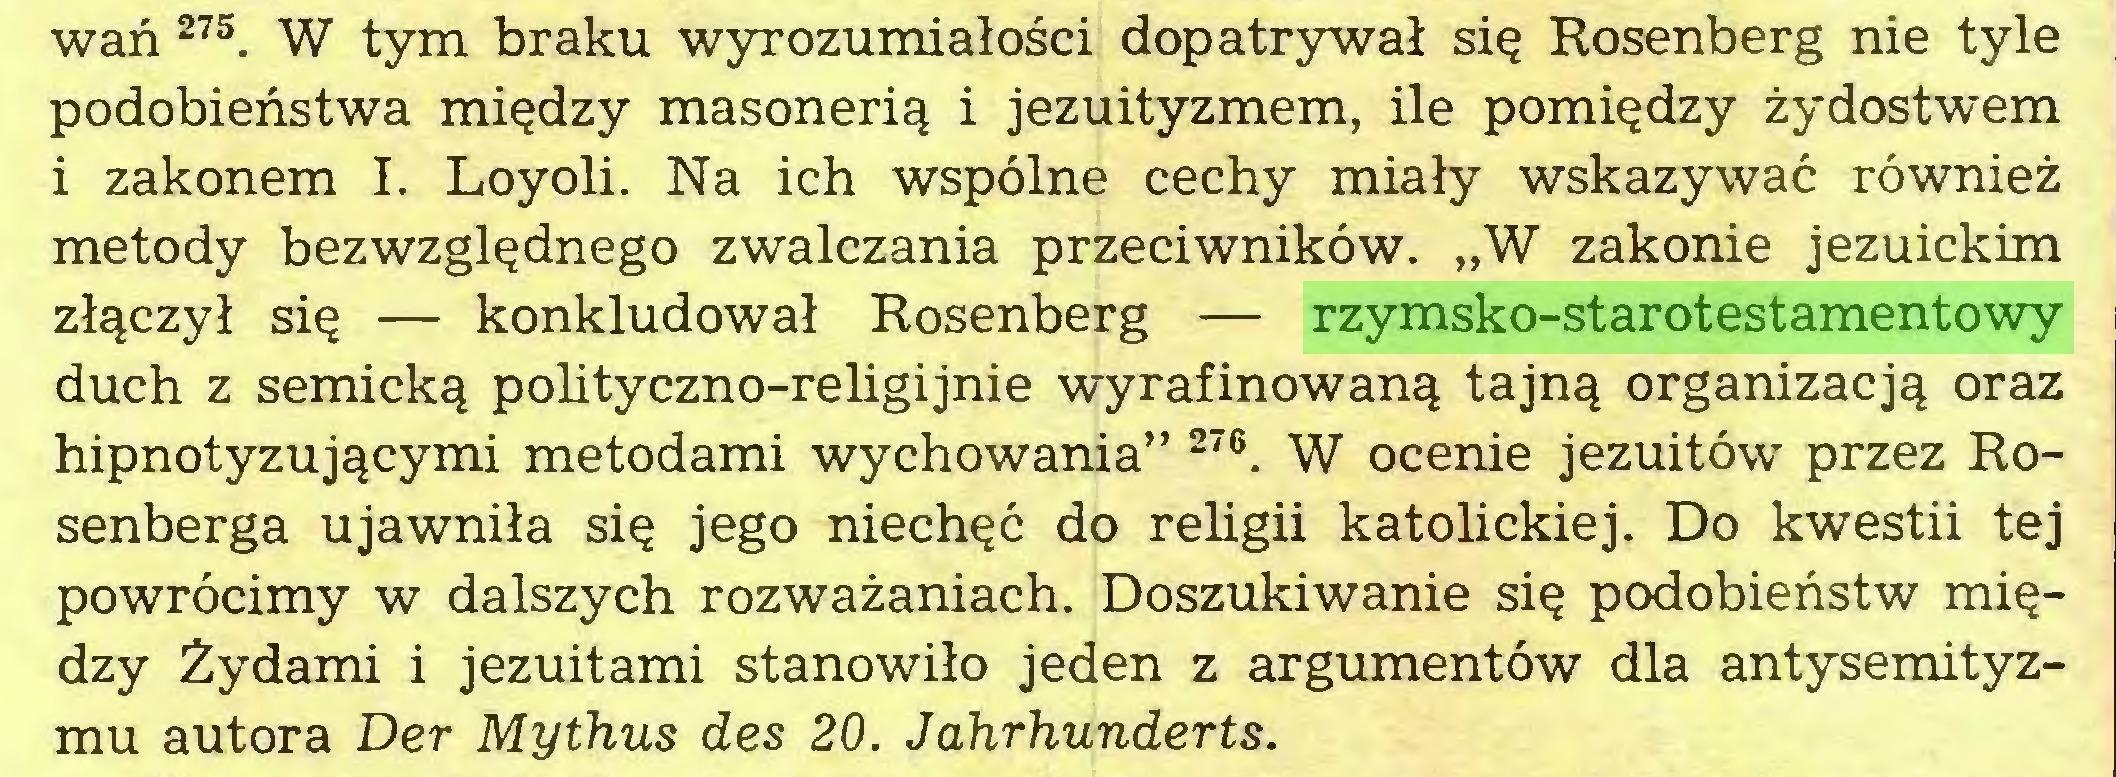 """(...) wań 27S. W tym braku wyrozumiałości dopatrywał się Rosenberg nie tyle podobieństwa między masonerią i jezuityzmem, ile pomiędzy żydostwem i zakonem I. Loyoli. Na ich wspólne cechy miały wskazywać również metody bezwzględnego zwalczania przeciwników. """"W zakonie jezuickim złączył się — konkludował Rosenberg — rzymsko-starotestamentowy duch z semicką polityczno-religijnie wyrafinowaną tajną organizacją oraz hipnotyzującymi metodami wychowania"""" 276. W ocenie jezuitów przez Rosenberga ujawniła się jego niechęć do religii katolickiej. Do kwestii tej powrócimy w dalszych rozważaniach. Doszukiwanie się podobieństw między Żydami i jezuitami stanowiło jeden z argumentów dla antysemityzmu autora Der Mythus des 20. Jahrhunderts..."""